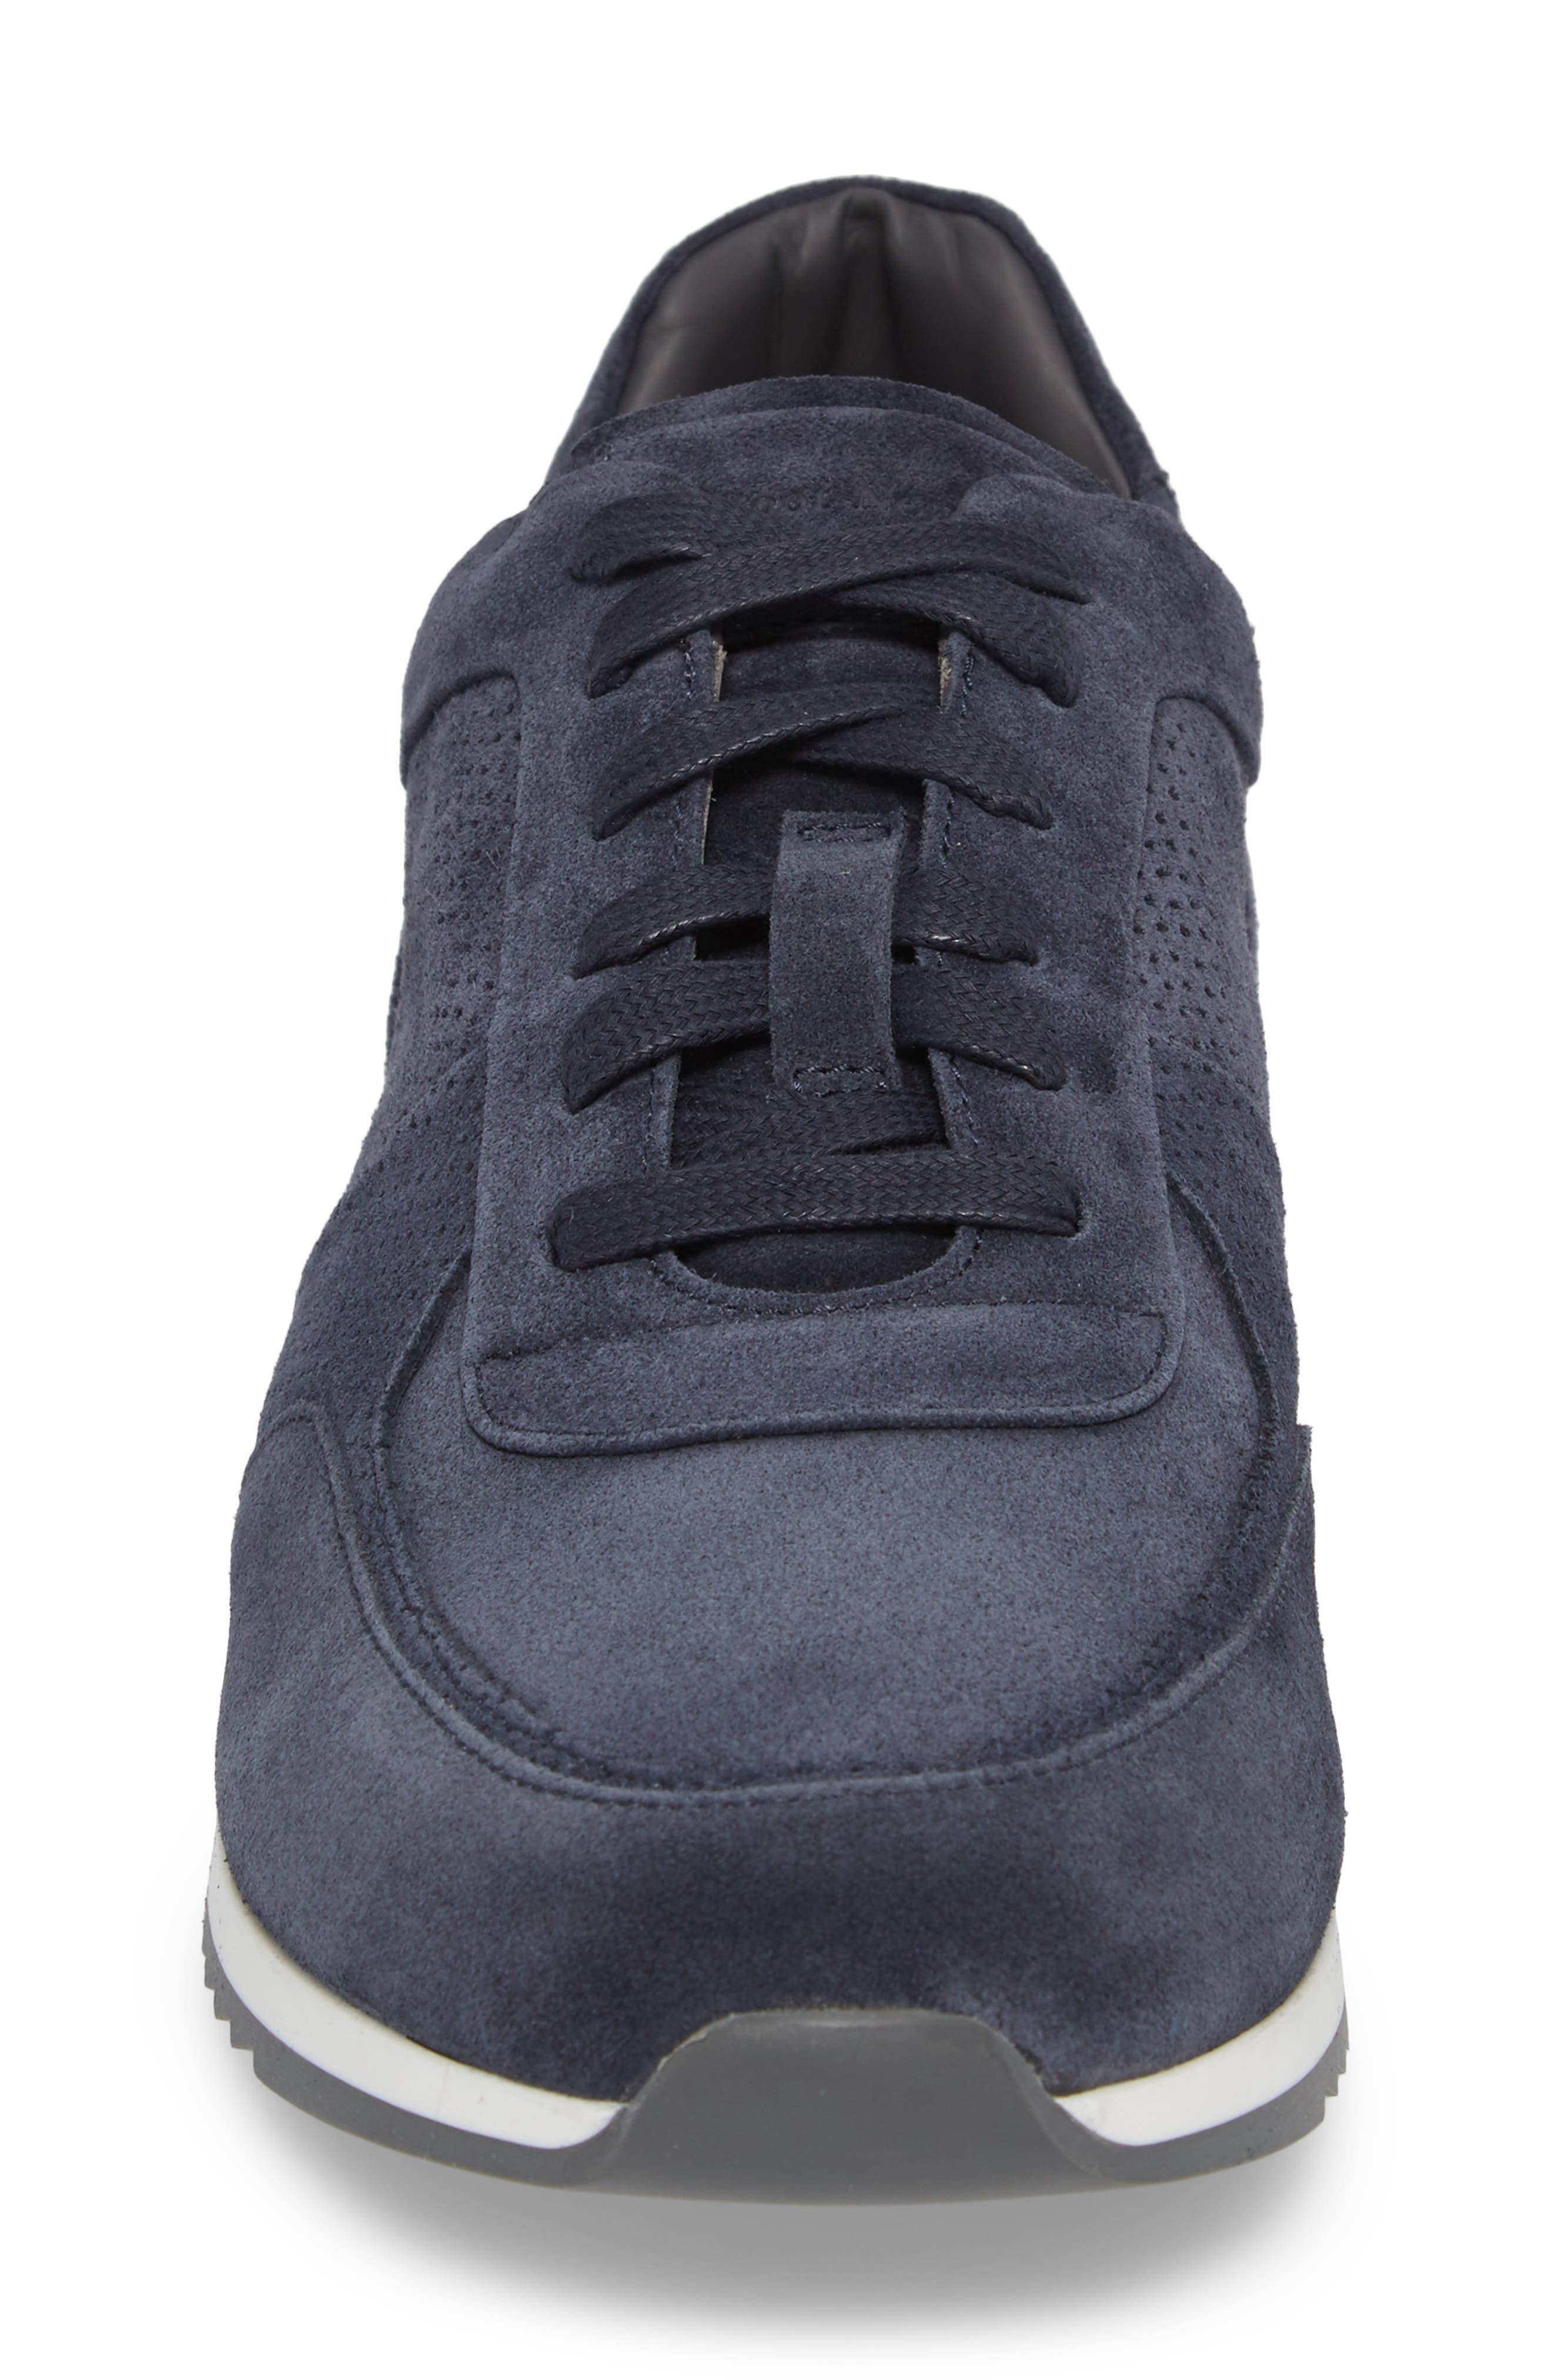 Fordham Low Top Sneaker,                             Alternate thumbnail 4, color,                             402